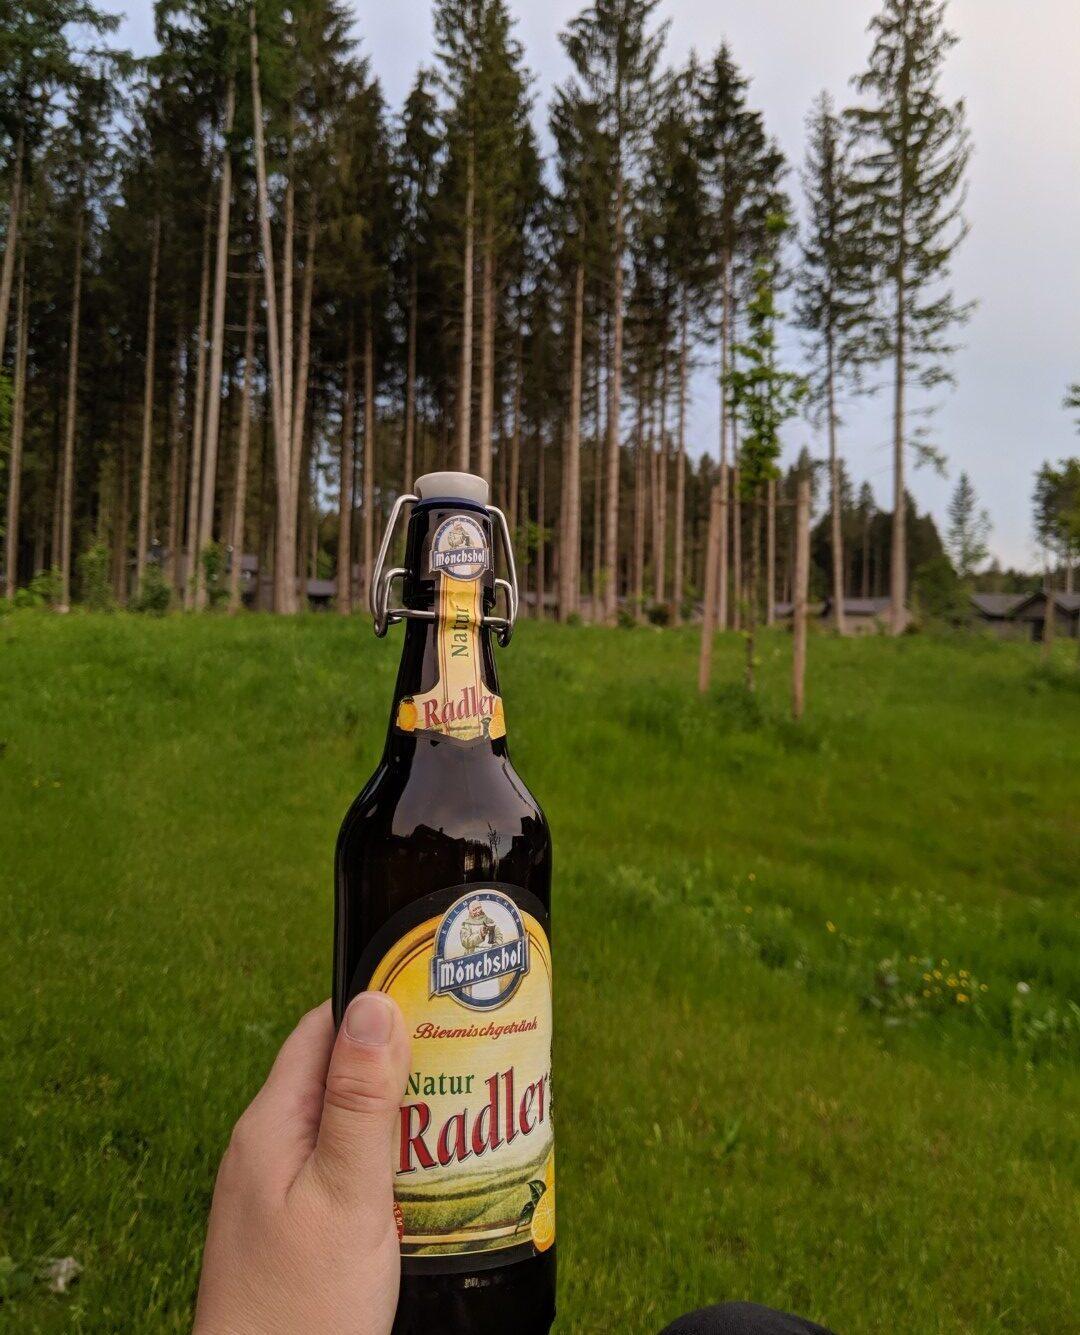 radler beer germany